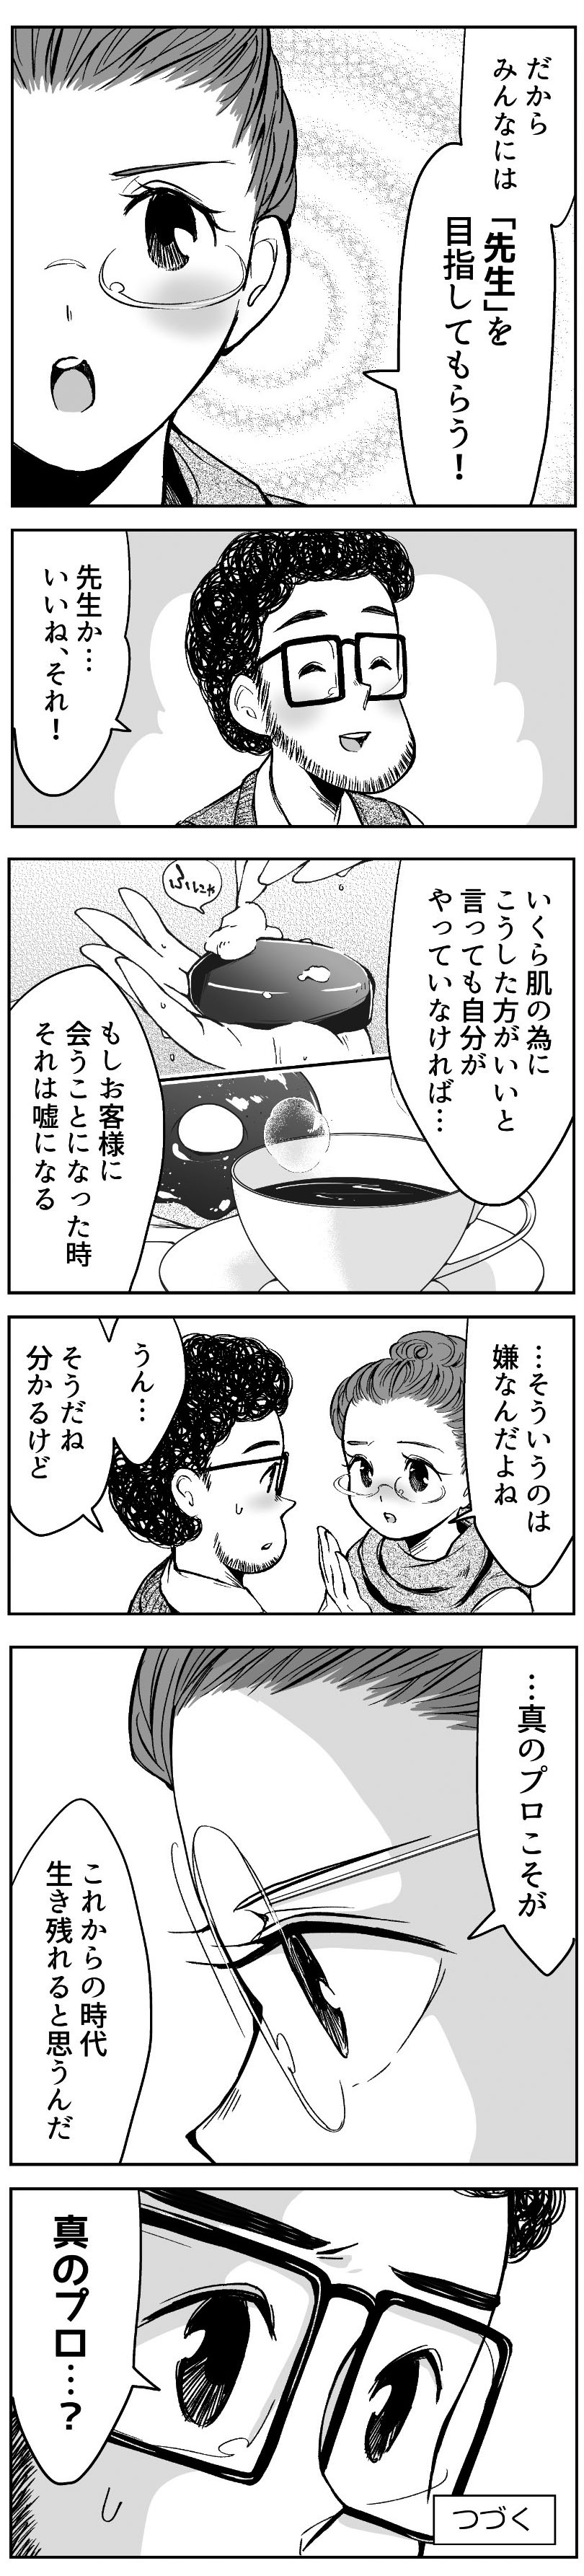 98-3.jpg